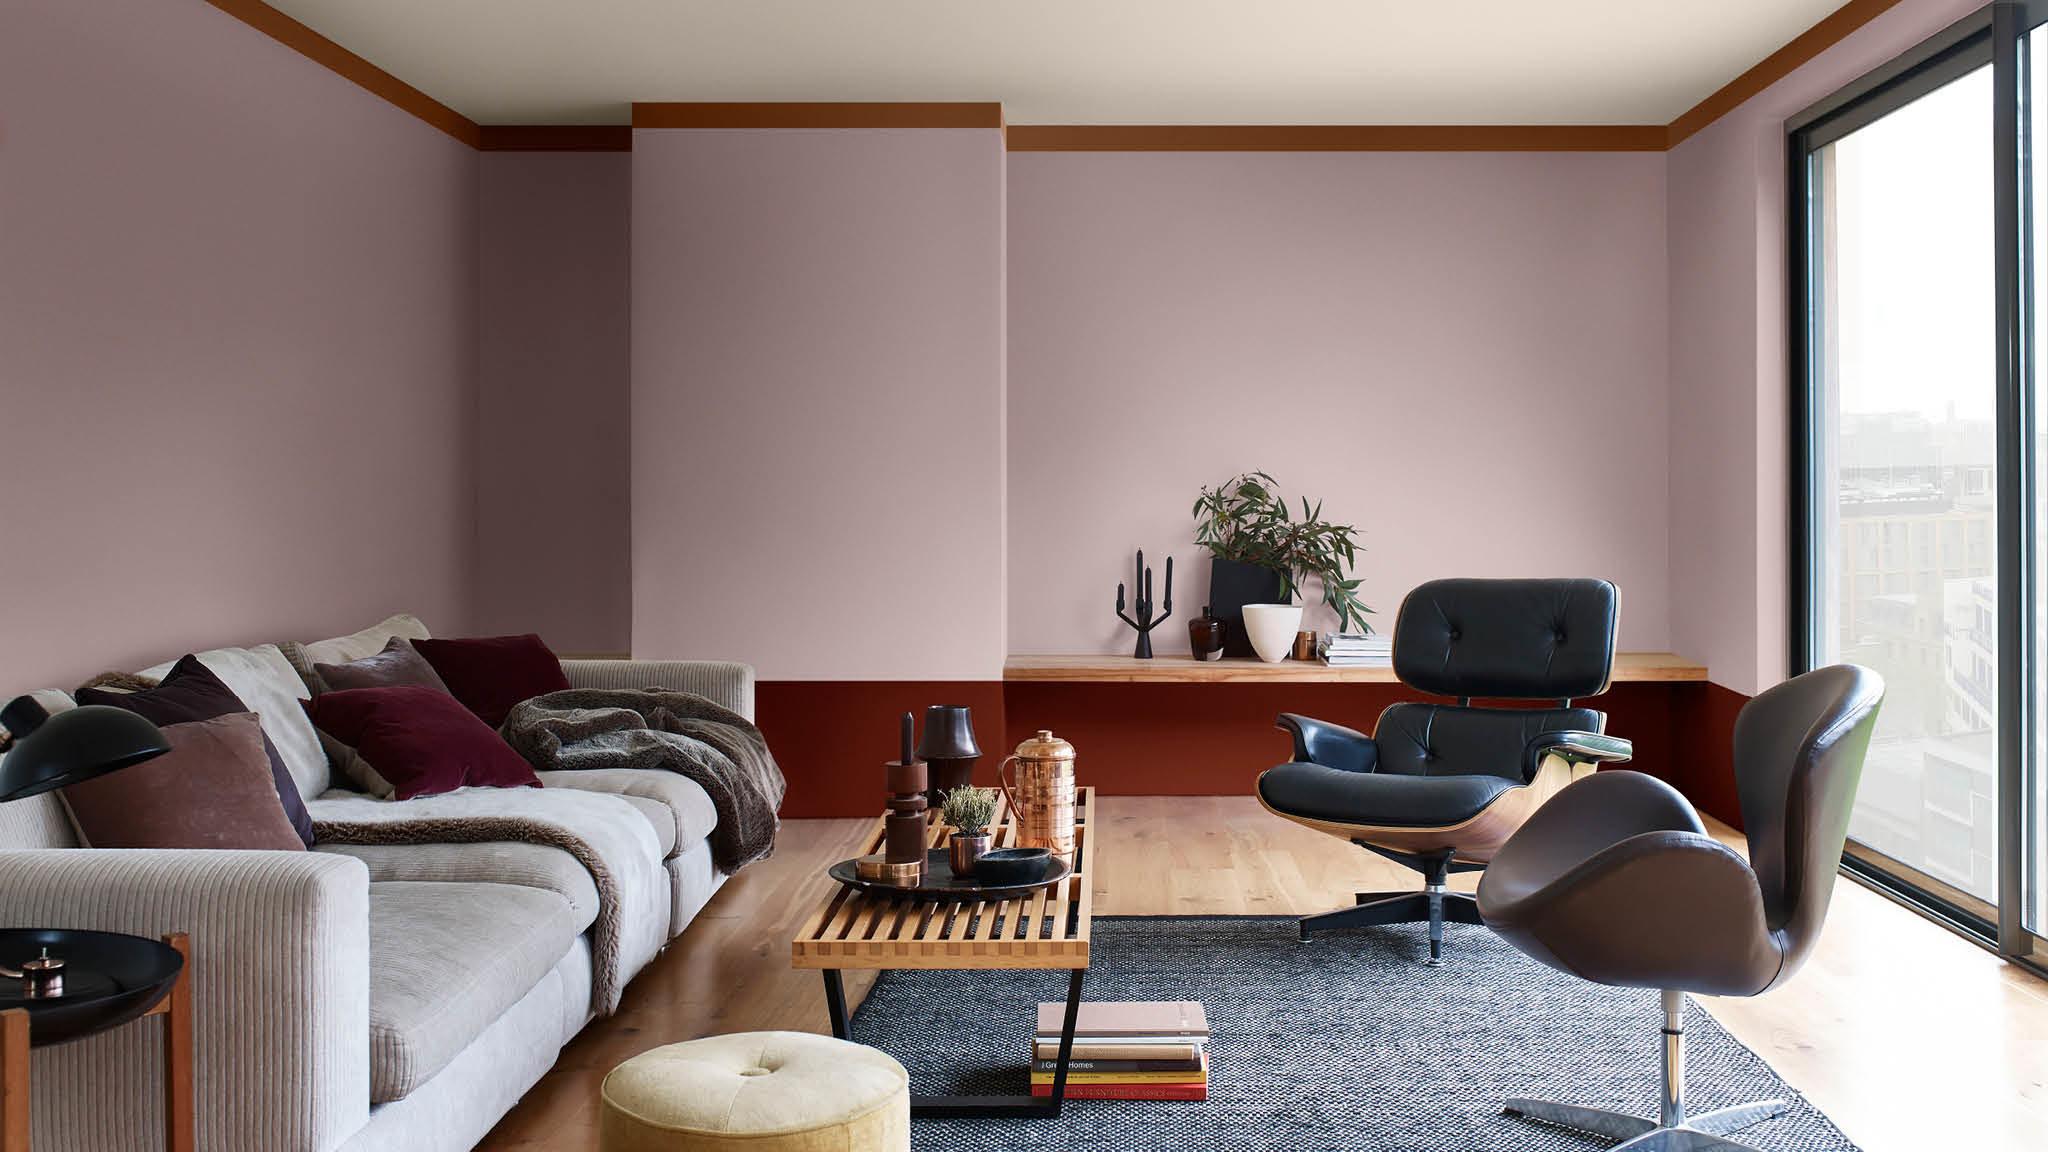 Le brun cachemire élu couleur de l\'année 2018 salon contemporain ...